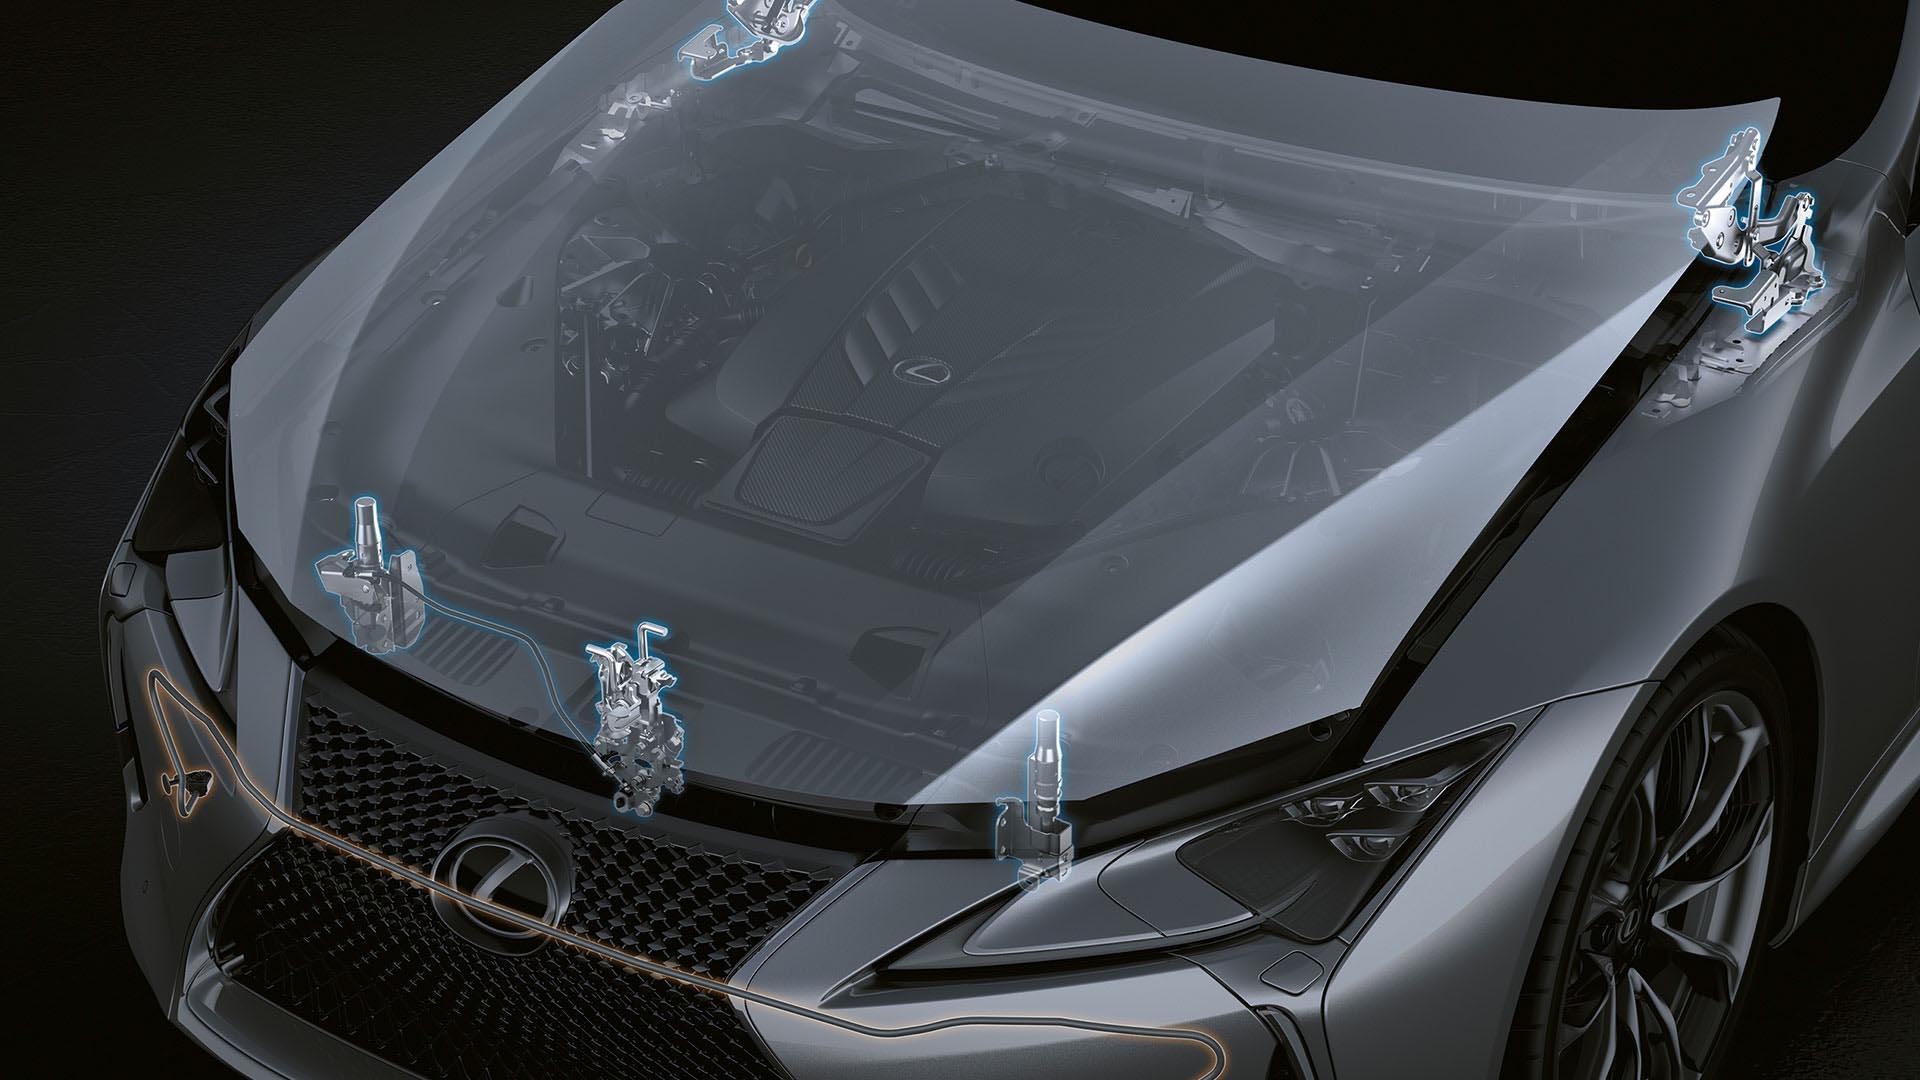 2017 lexus lc 500h features pop up hood